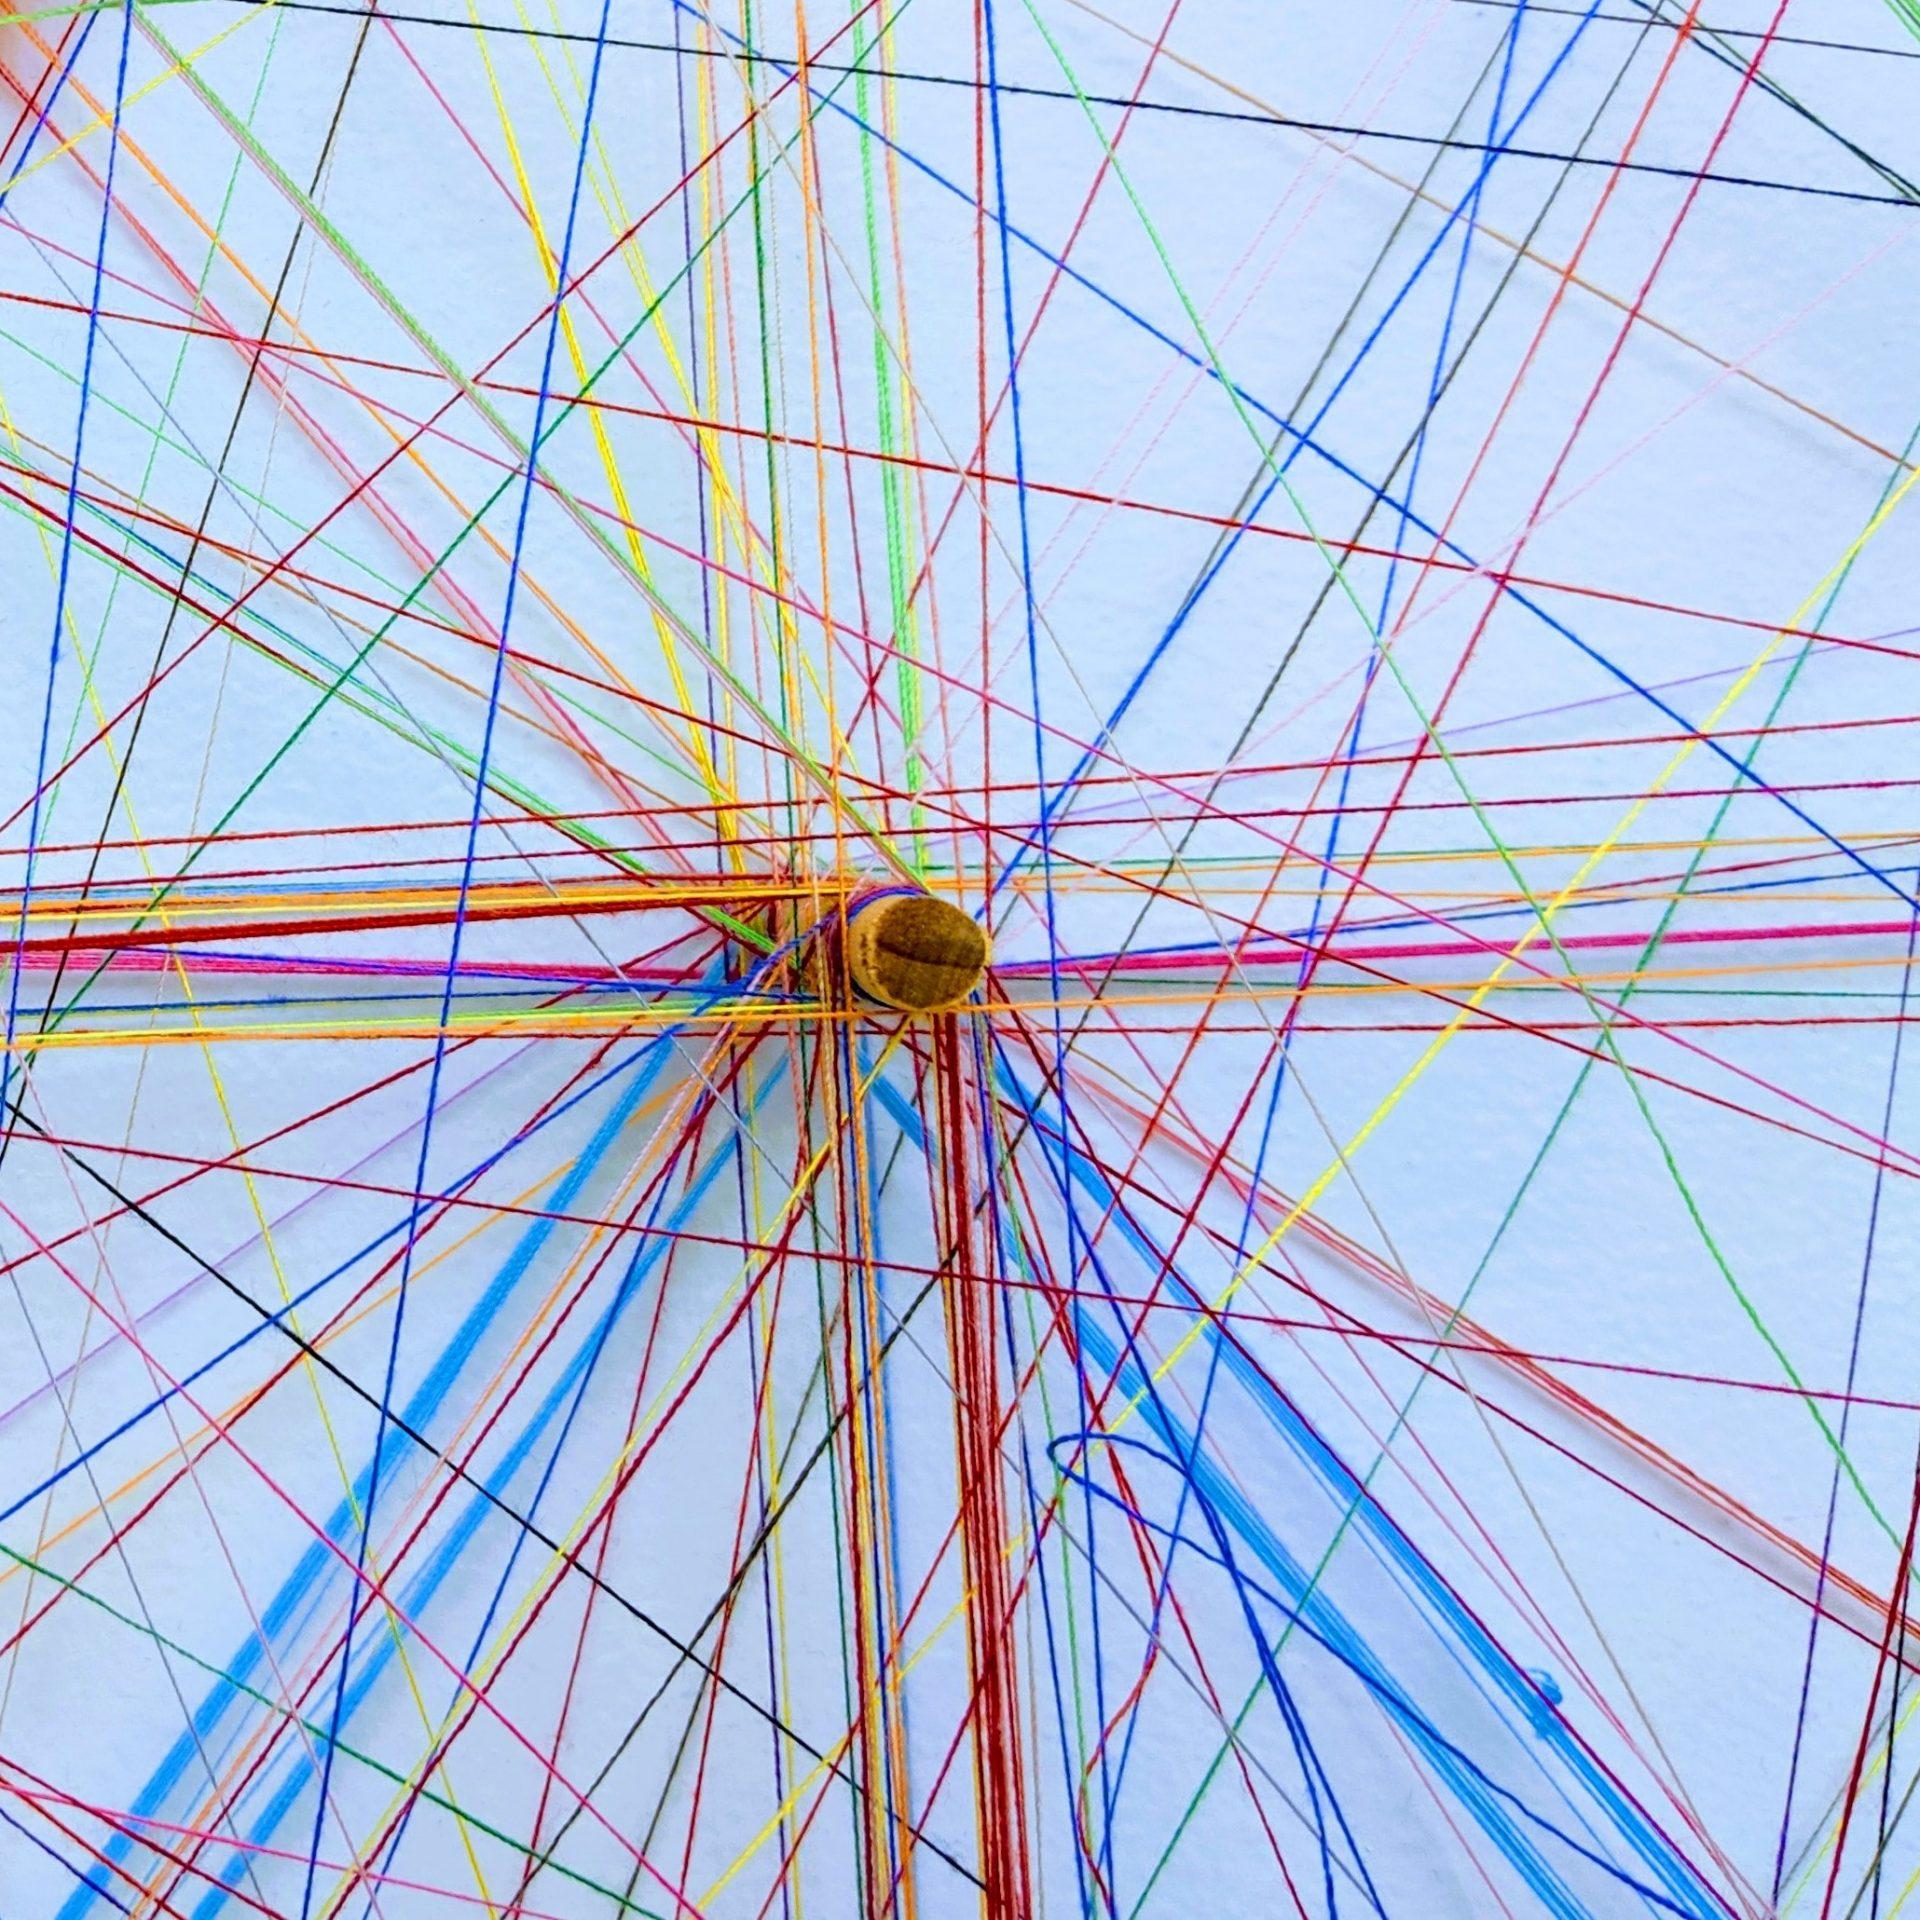 Ein Netz aus Bindfäden.